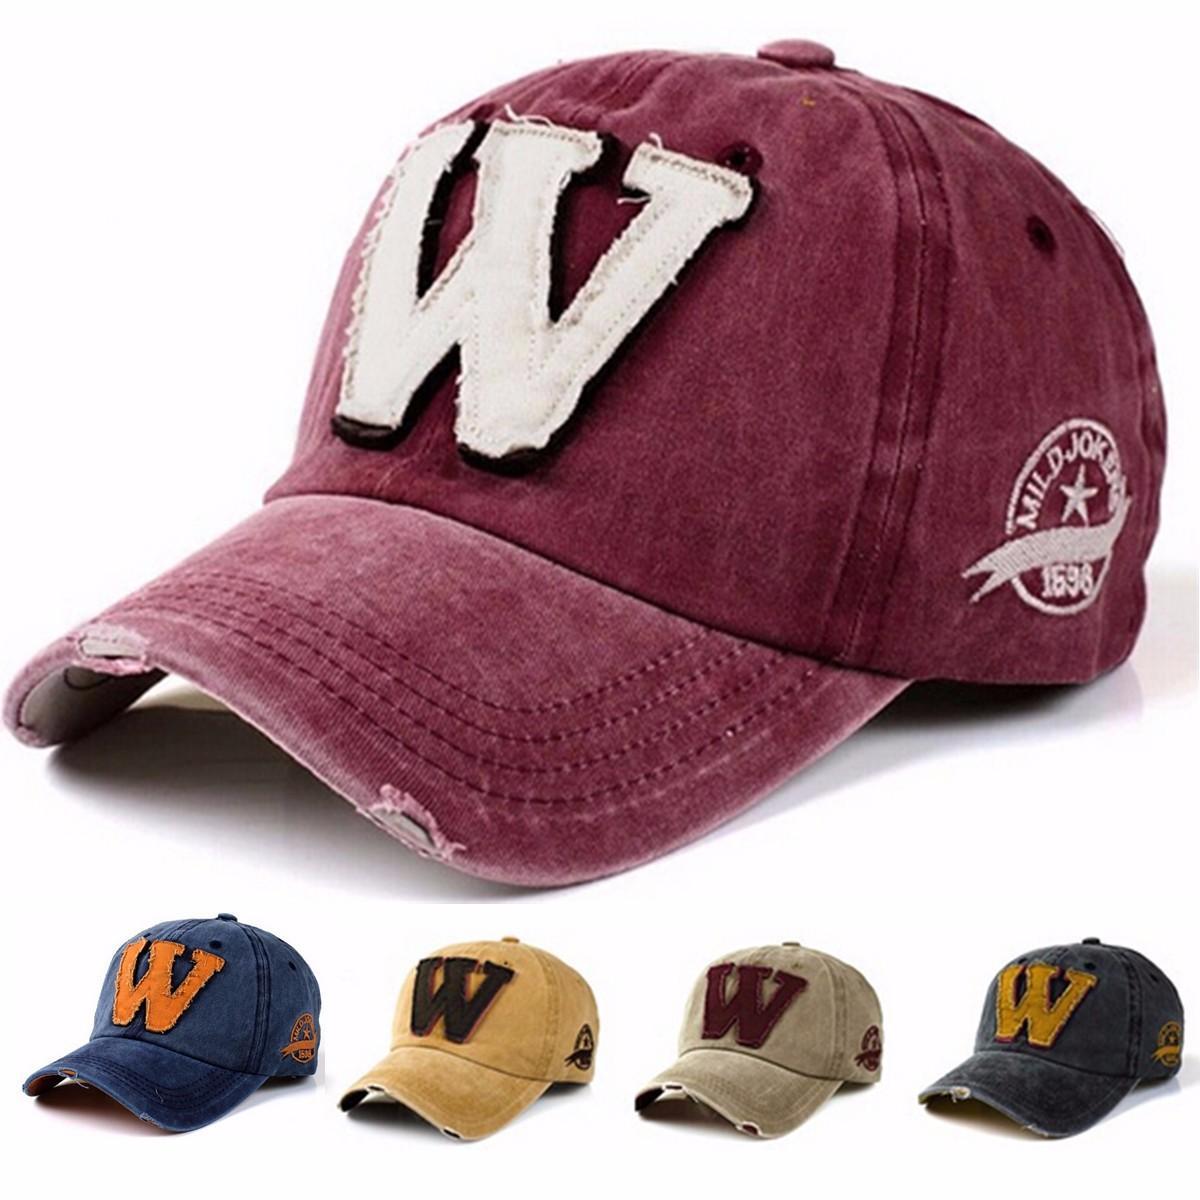 Unisex Letter W Embroidery Denim Washed Baseball Cap Vintage Adjustable  Snapback Hat COD 695d56dc13b